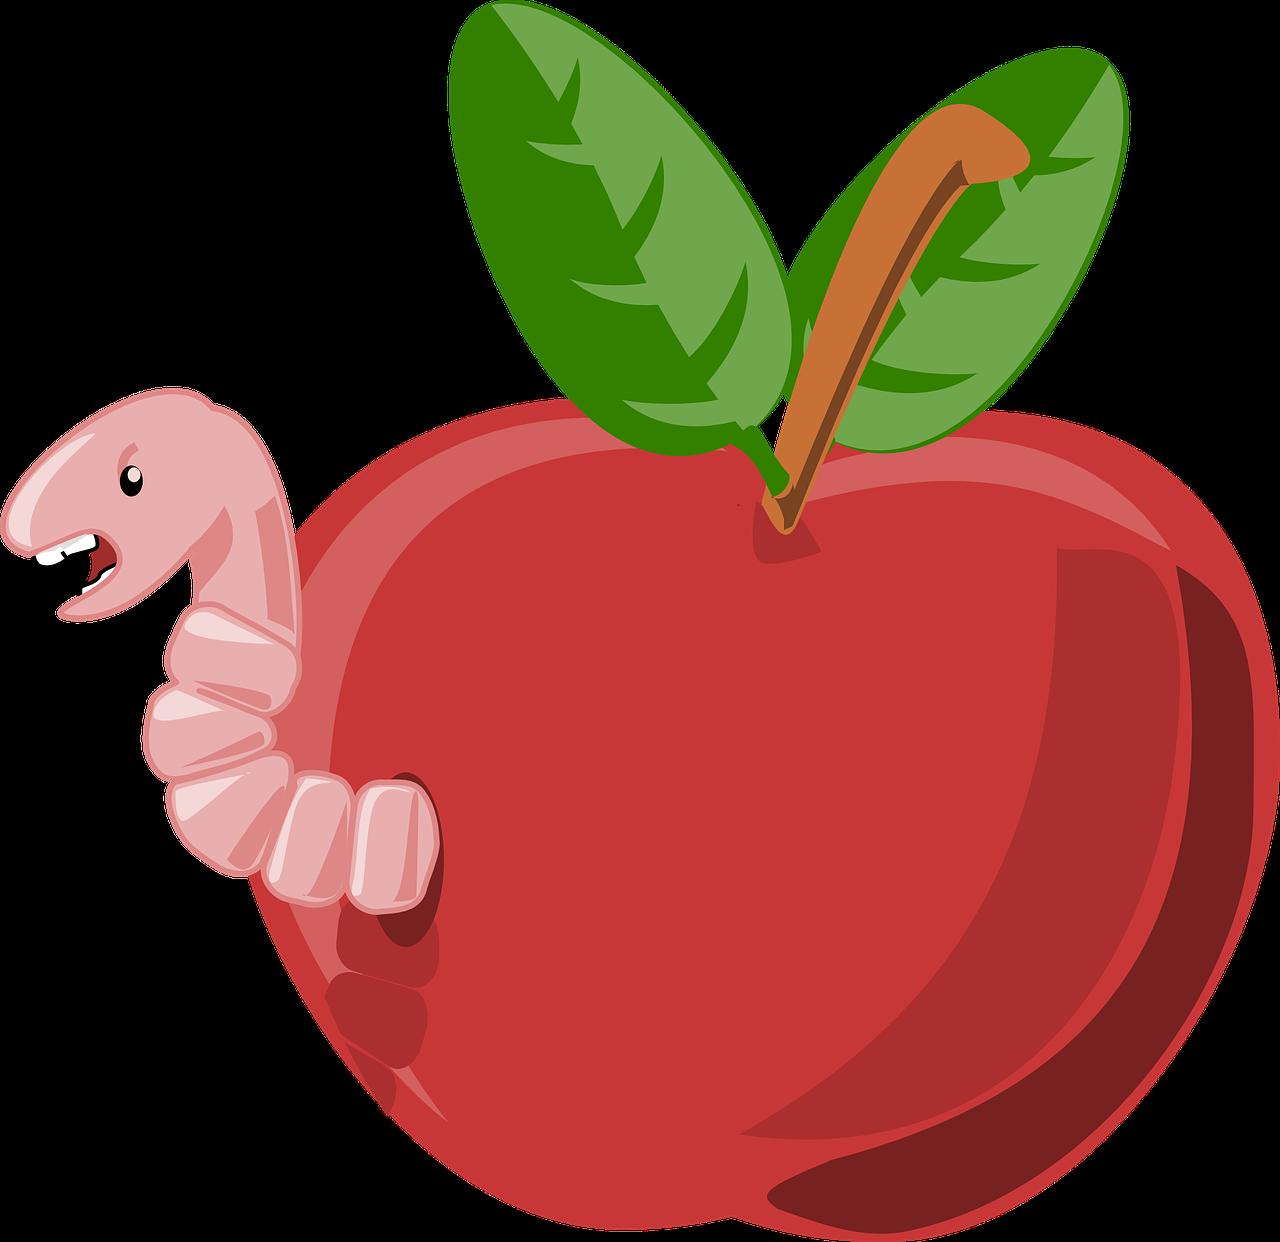 Картинка яблочко с червячком